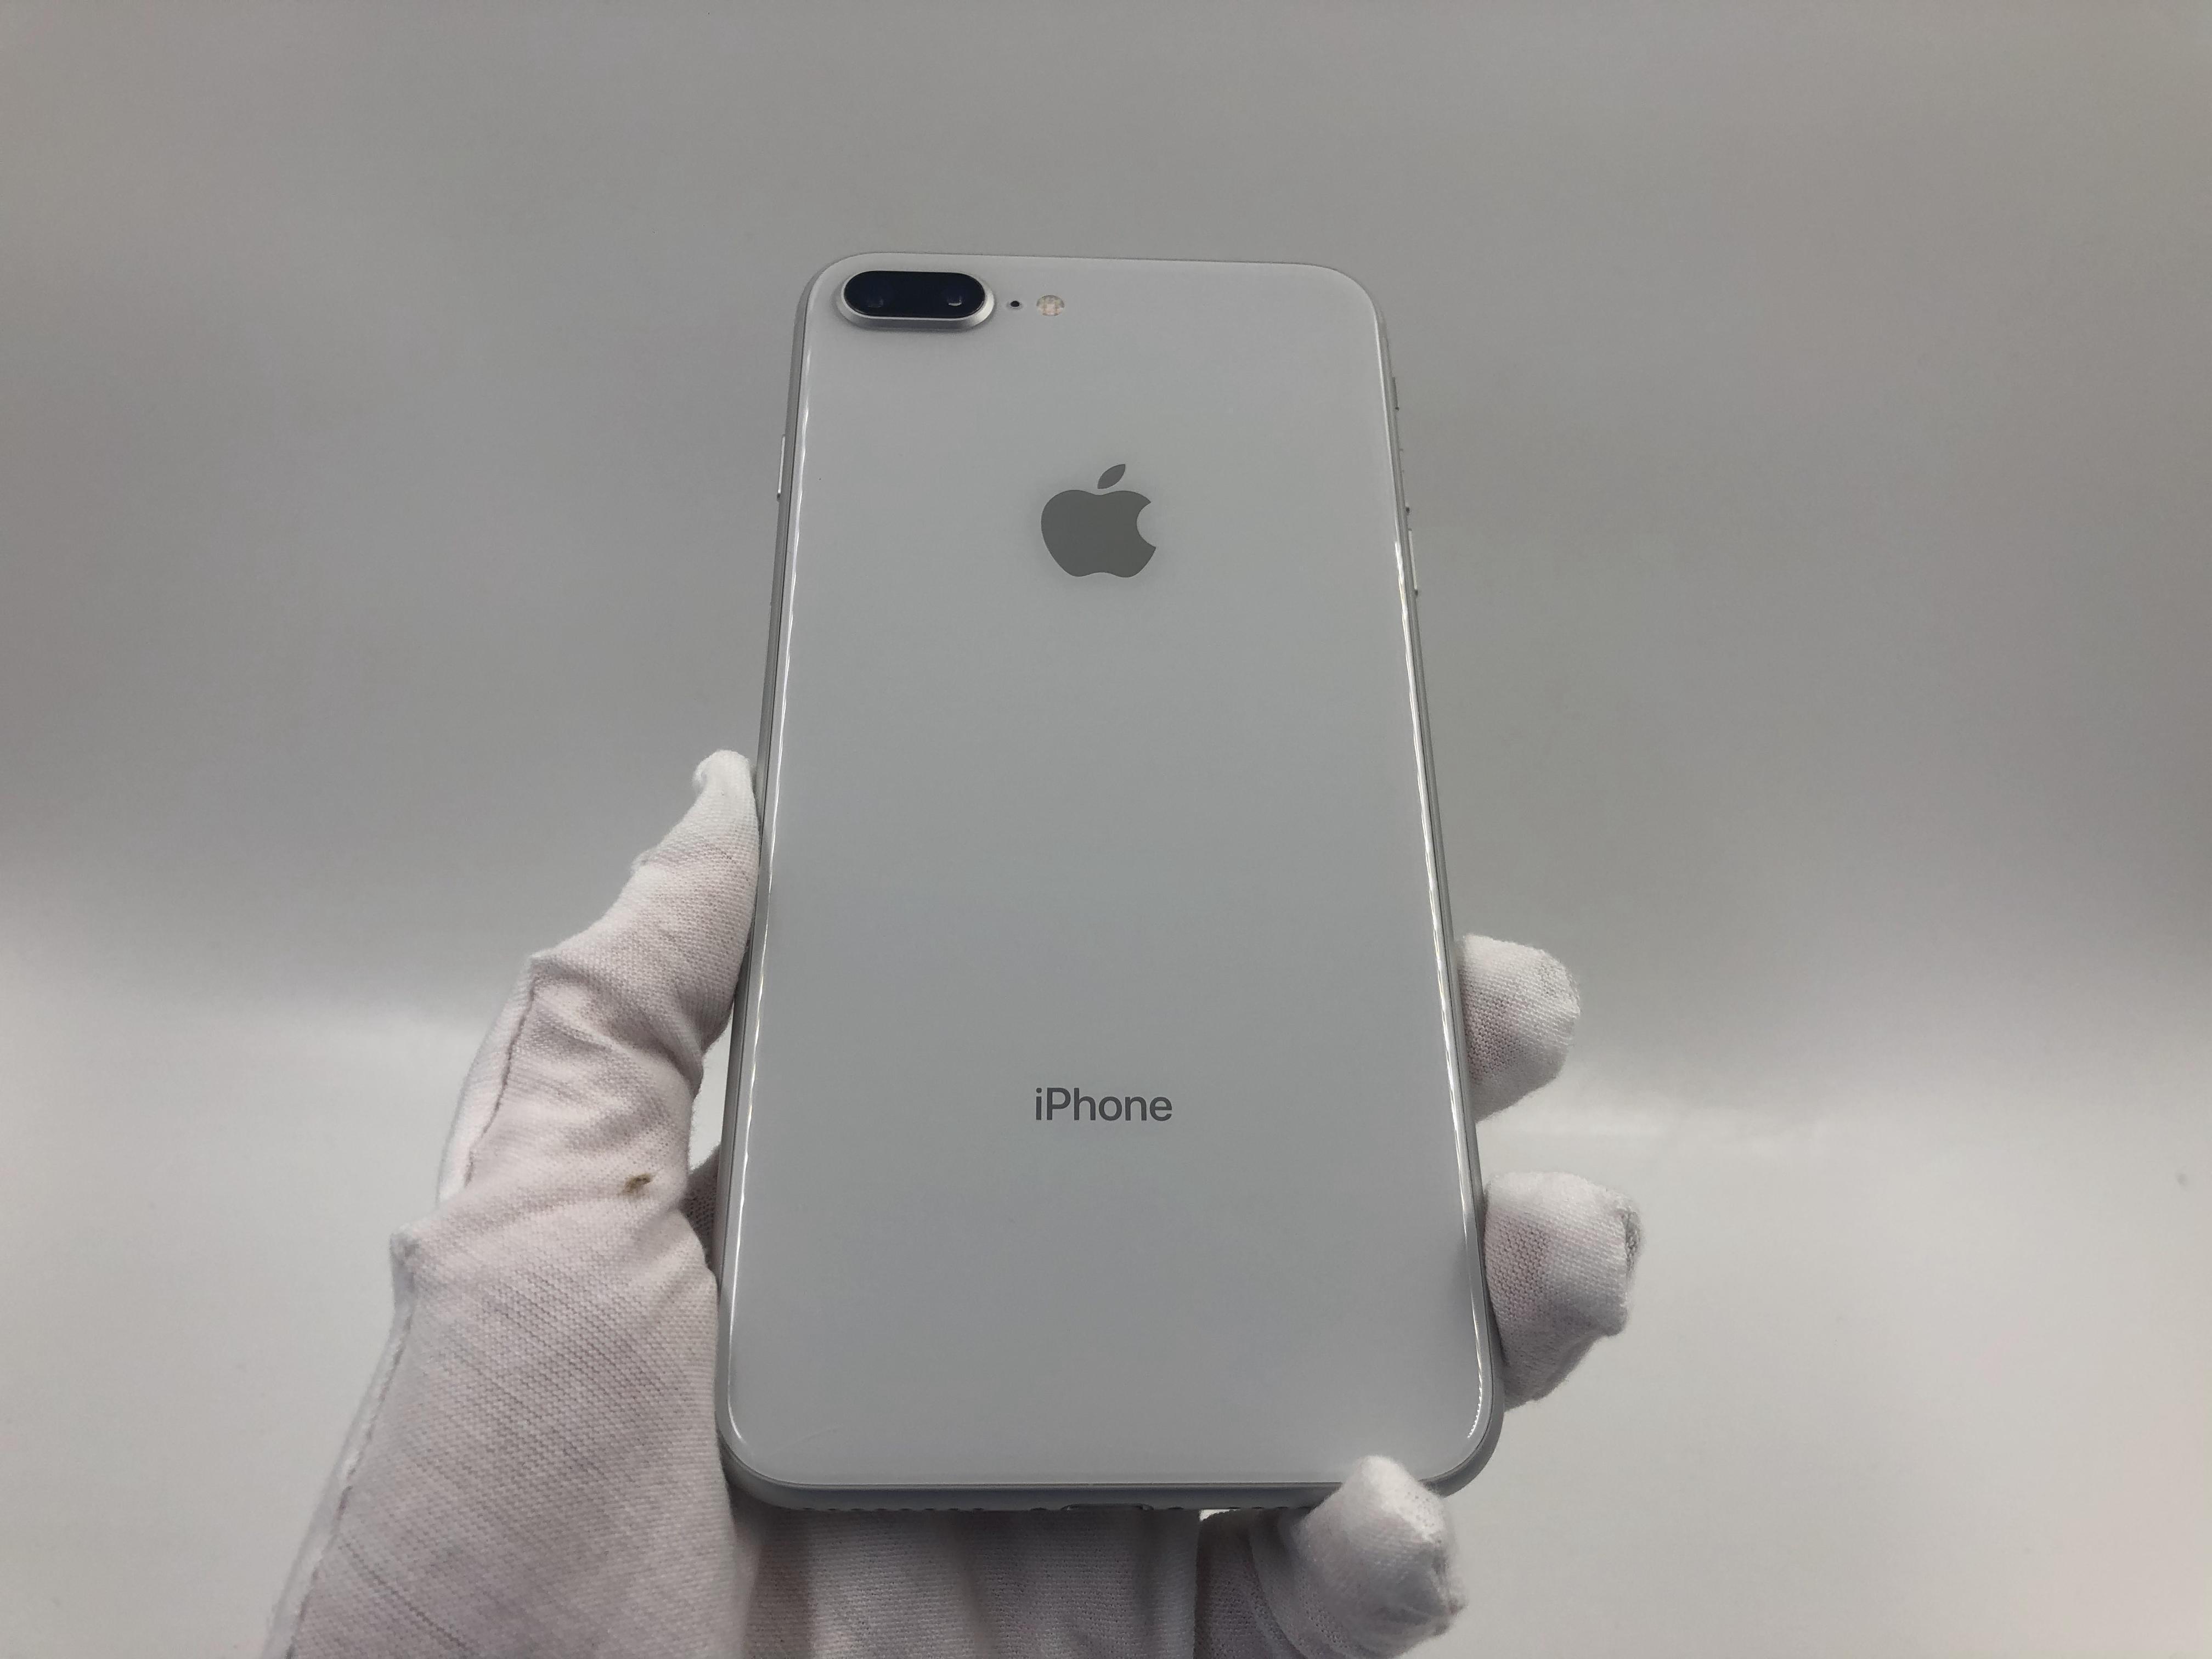 苹果【iPhone 8 Plus】4G全网通 银色 64G 国行 95新 真机实拍